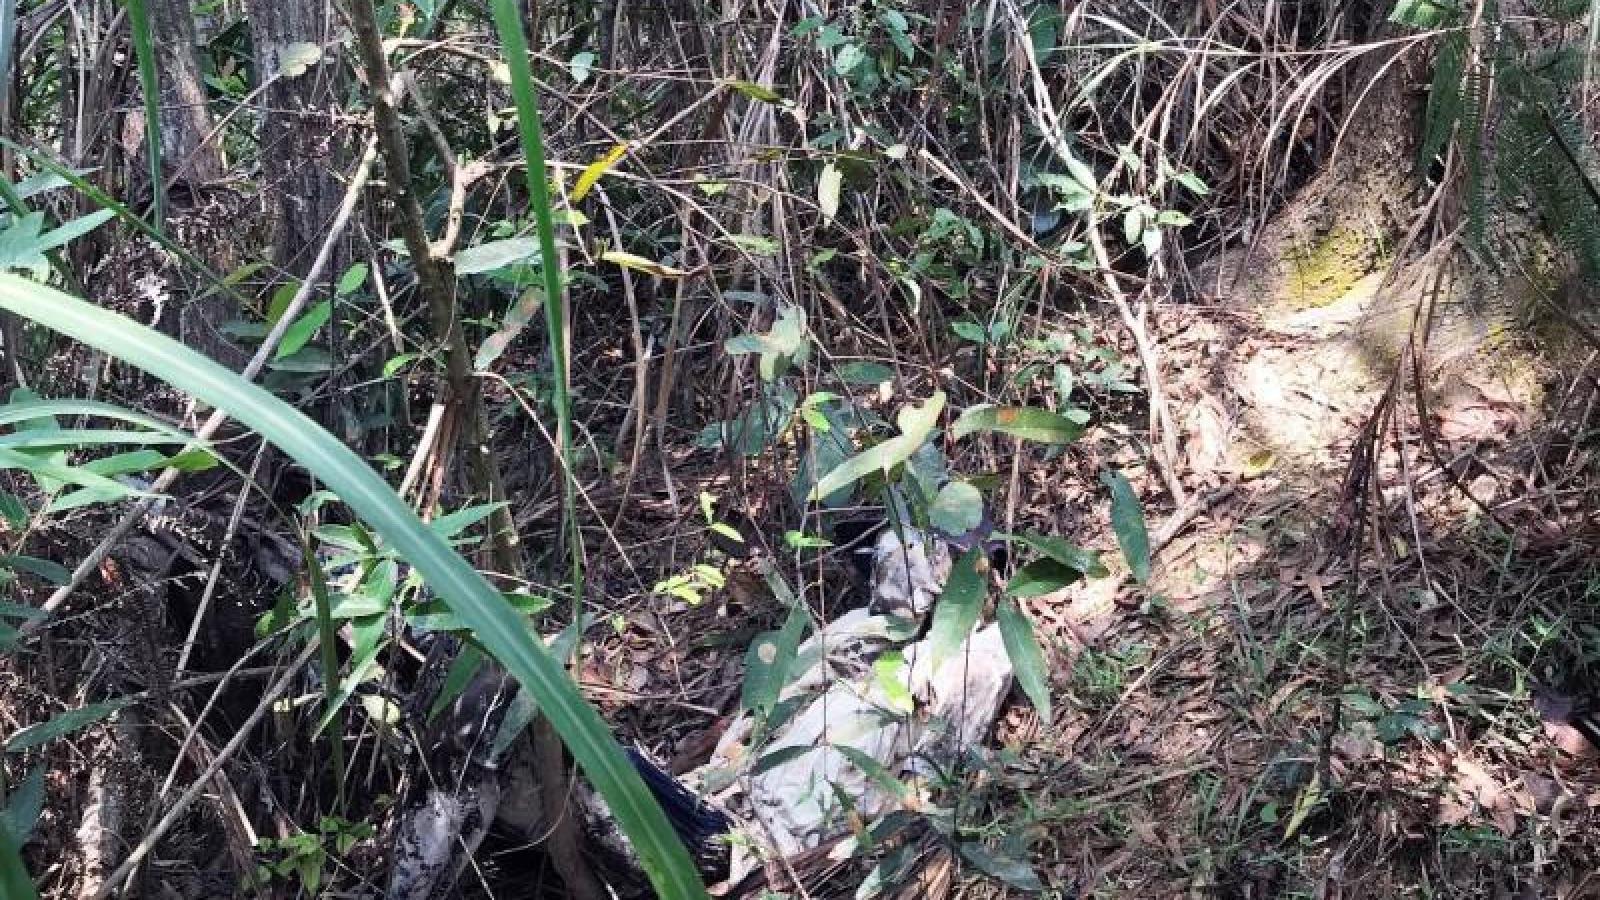 Phát hiện bộ xương người trên núi ở Đà Nẵng